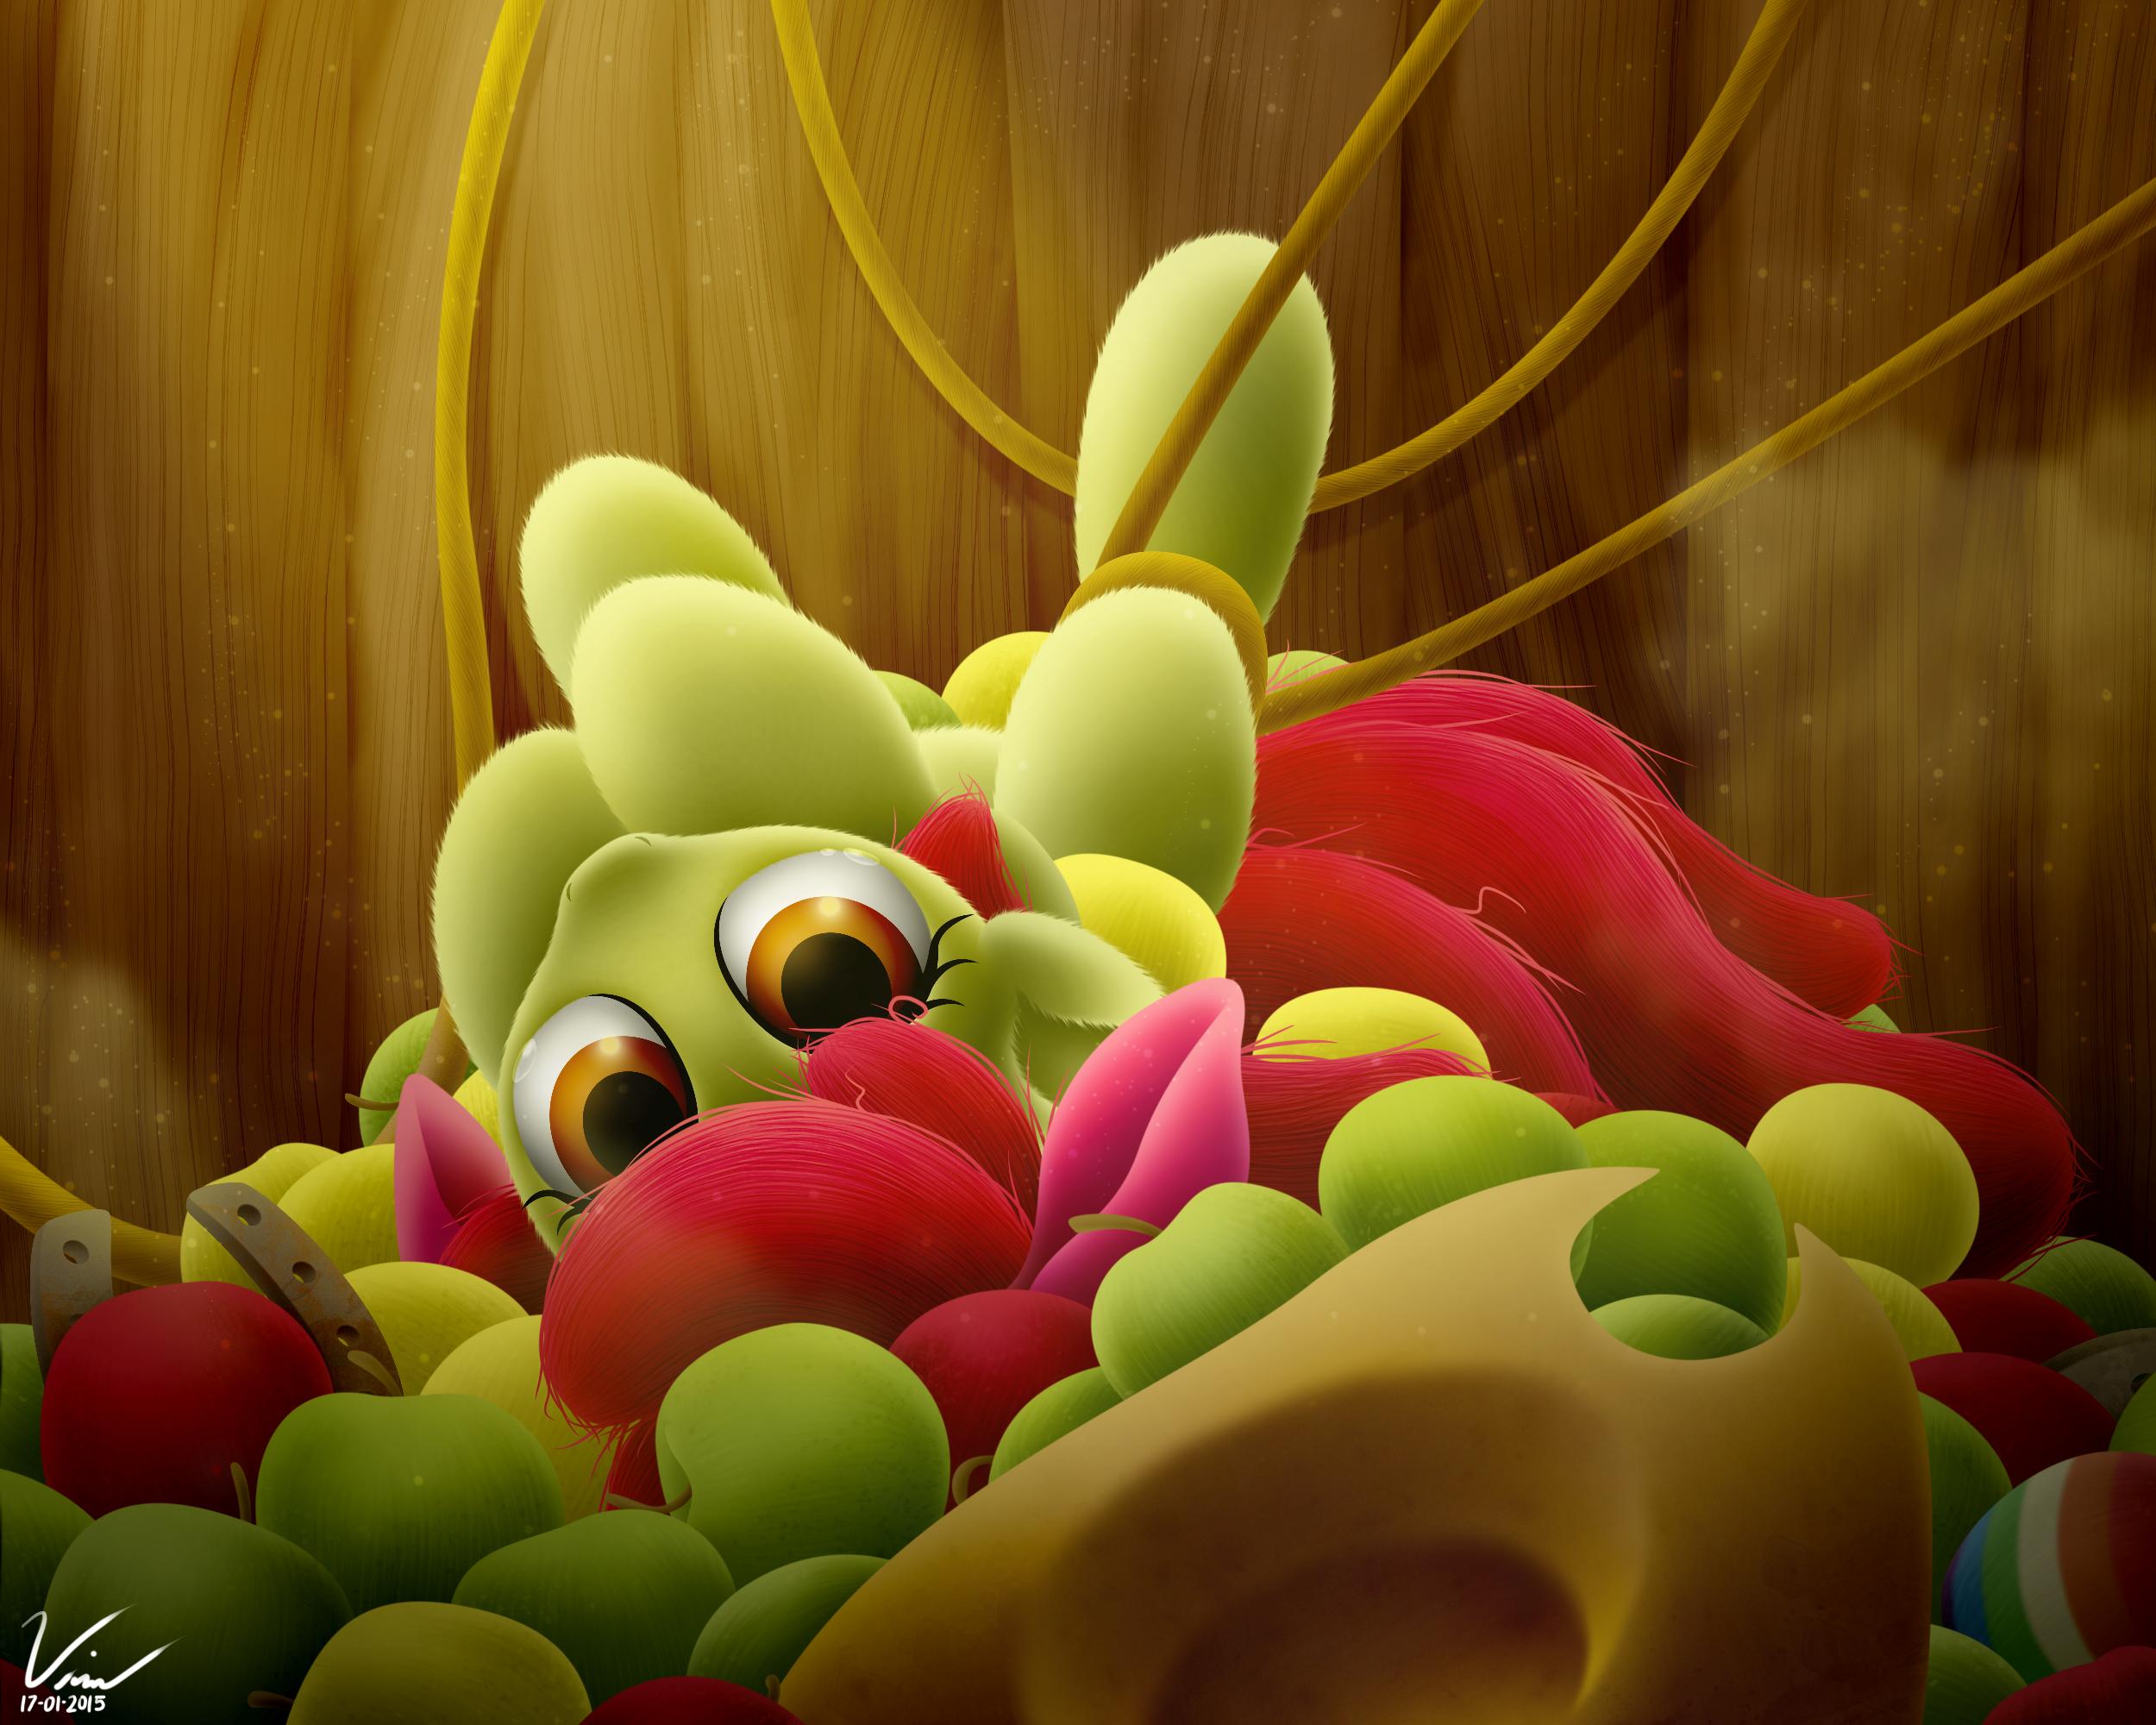 apple_bloom_fell_by_symbianl-d8e8jcc.png